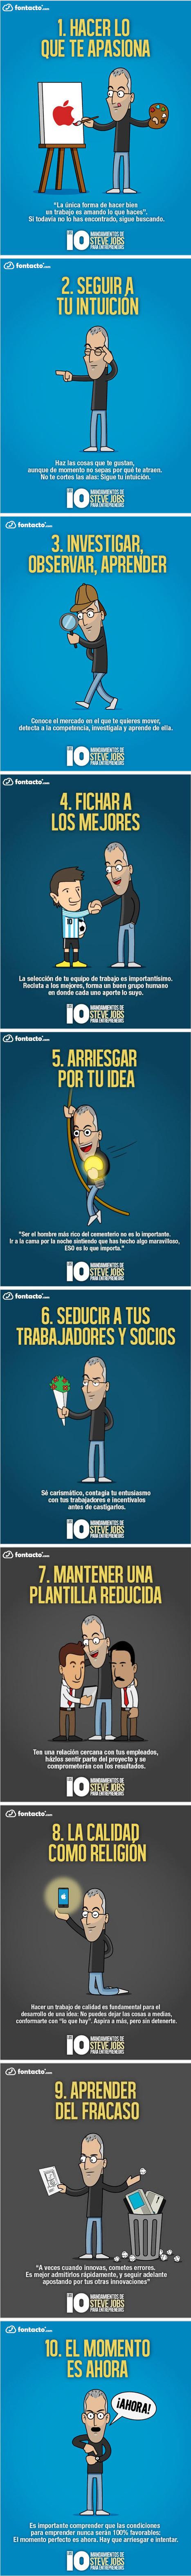 Los 10 mandamientos de Steve Jobs para emprendedores | Personas 2.0: #SocialMedia #Strategist | Scoop.it